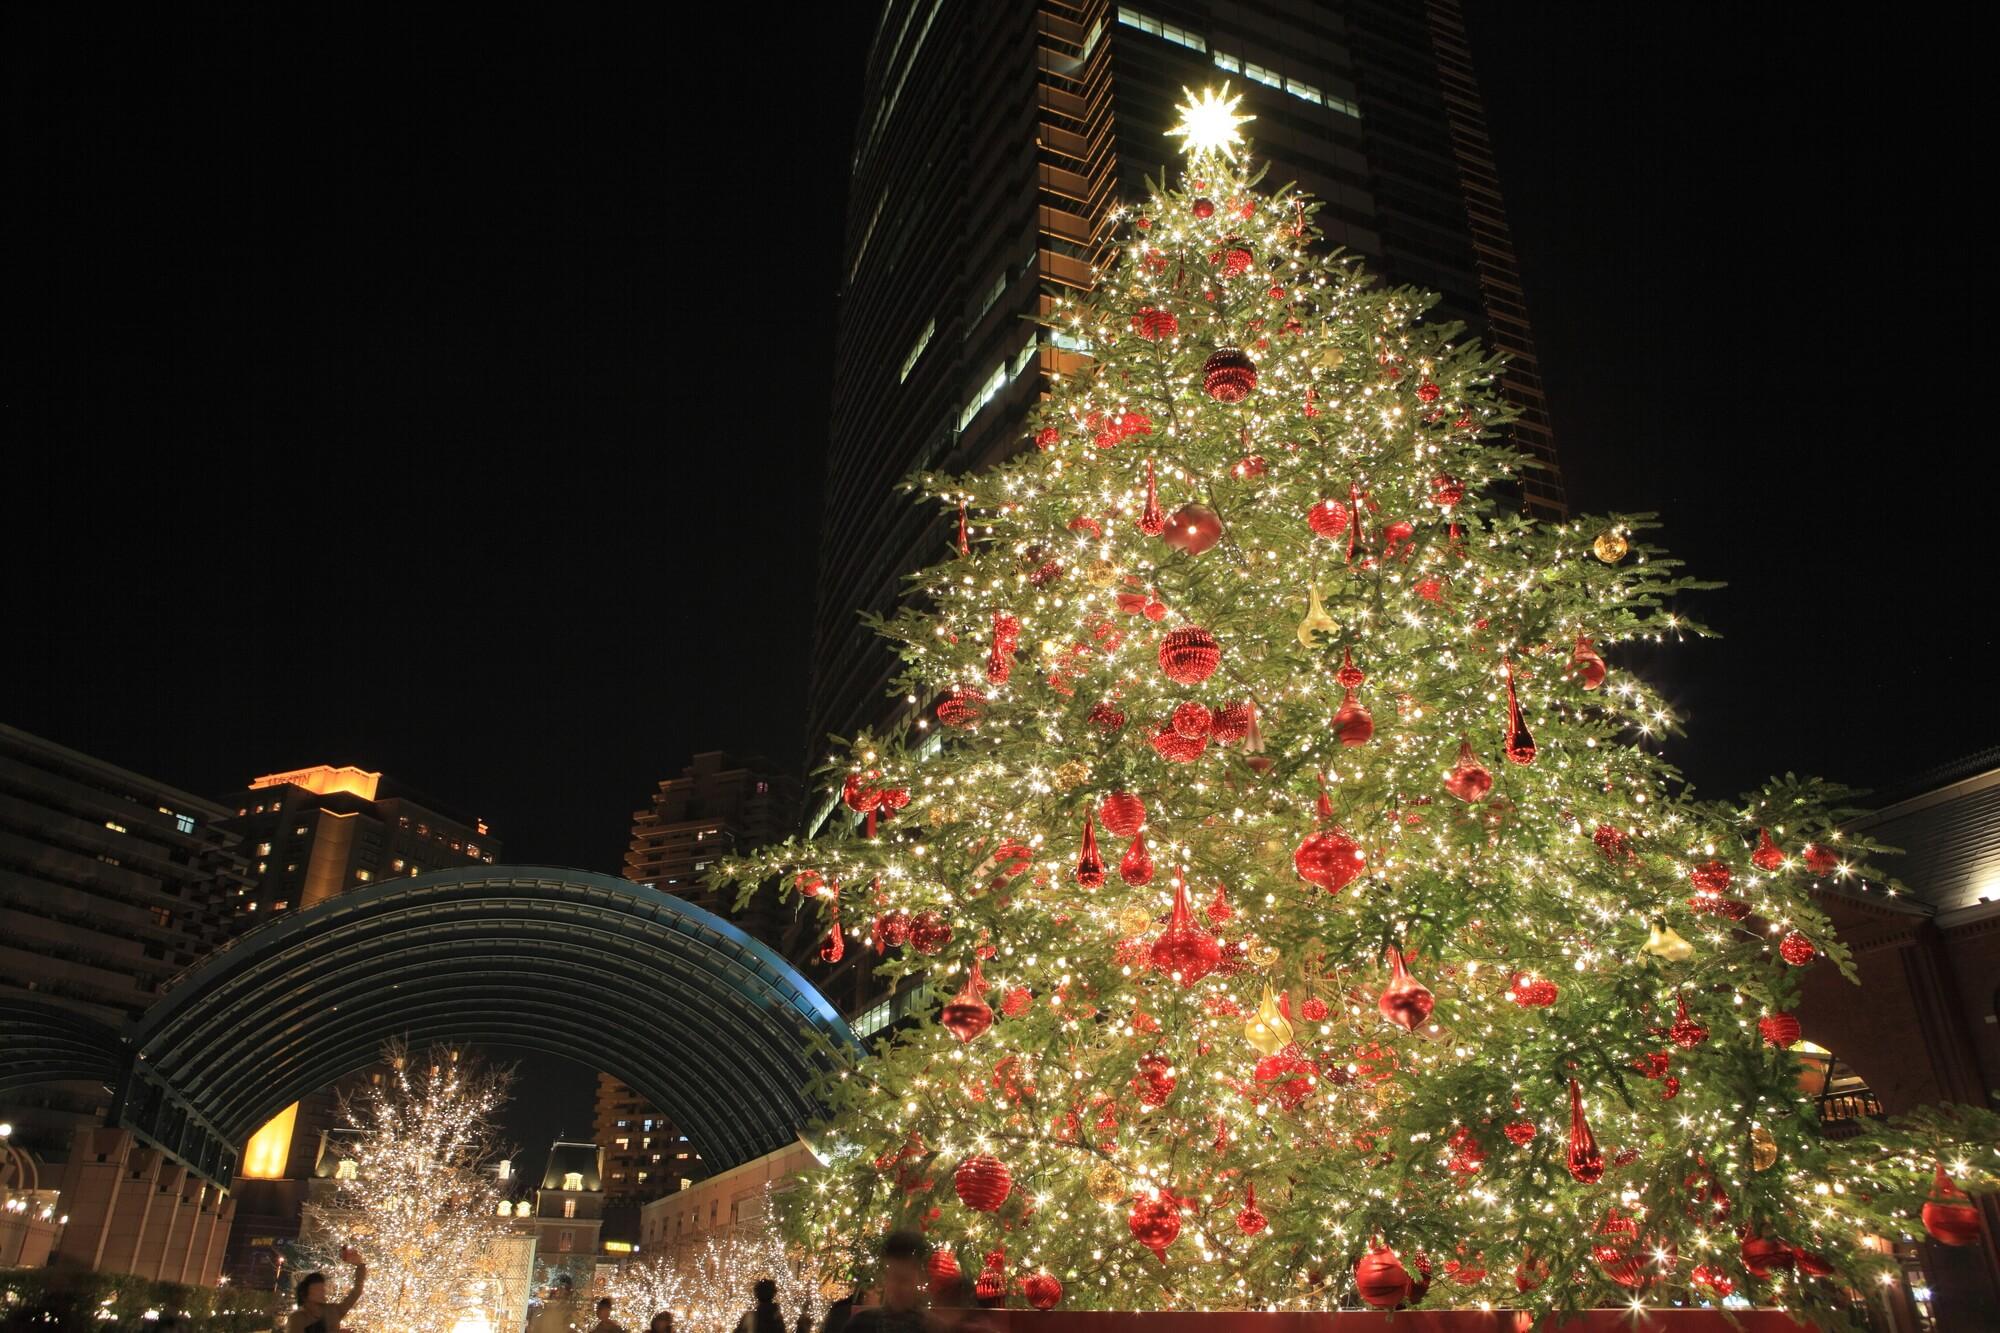 クリスマスはカシミヤストールがおすすめ!【プレゼントに最適】